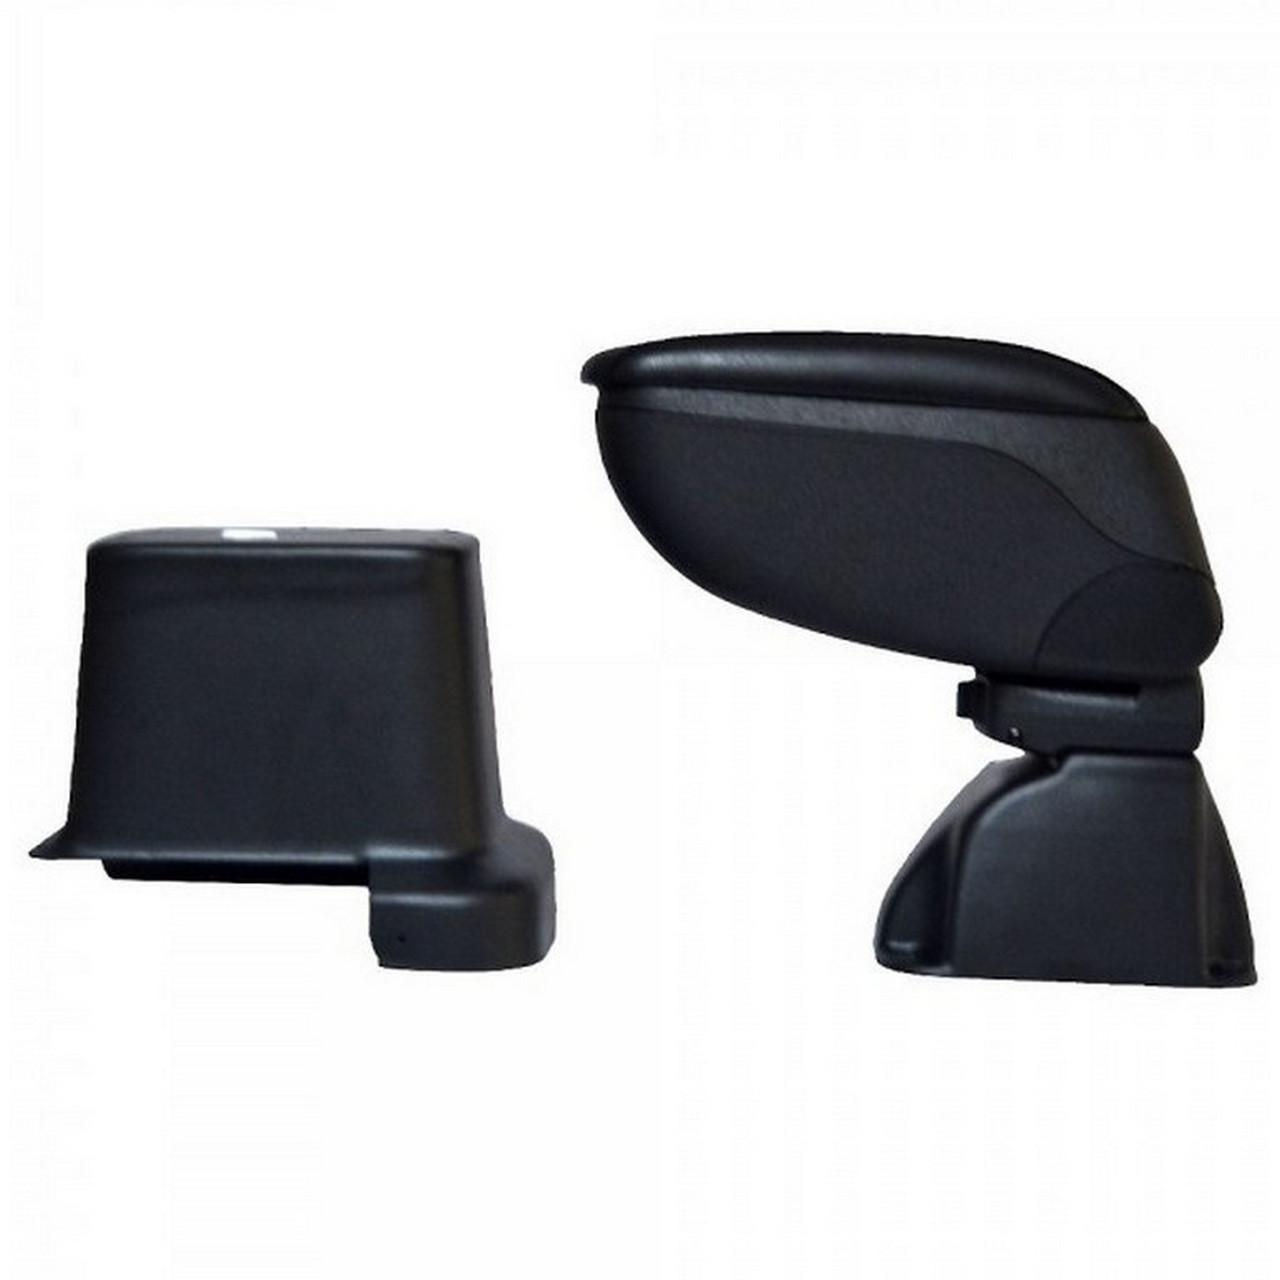 ARS3CICIK00101 Armcik S2 Citroen Berlingo II B9 / Peugeot Partner III 2008> armrest